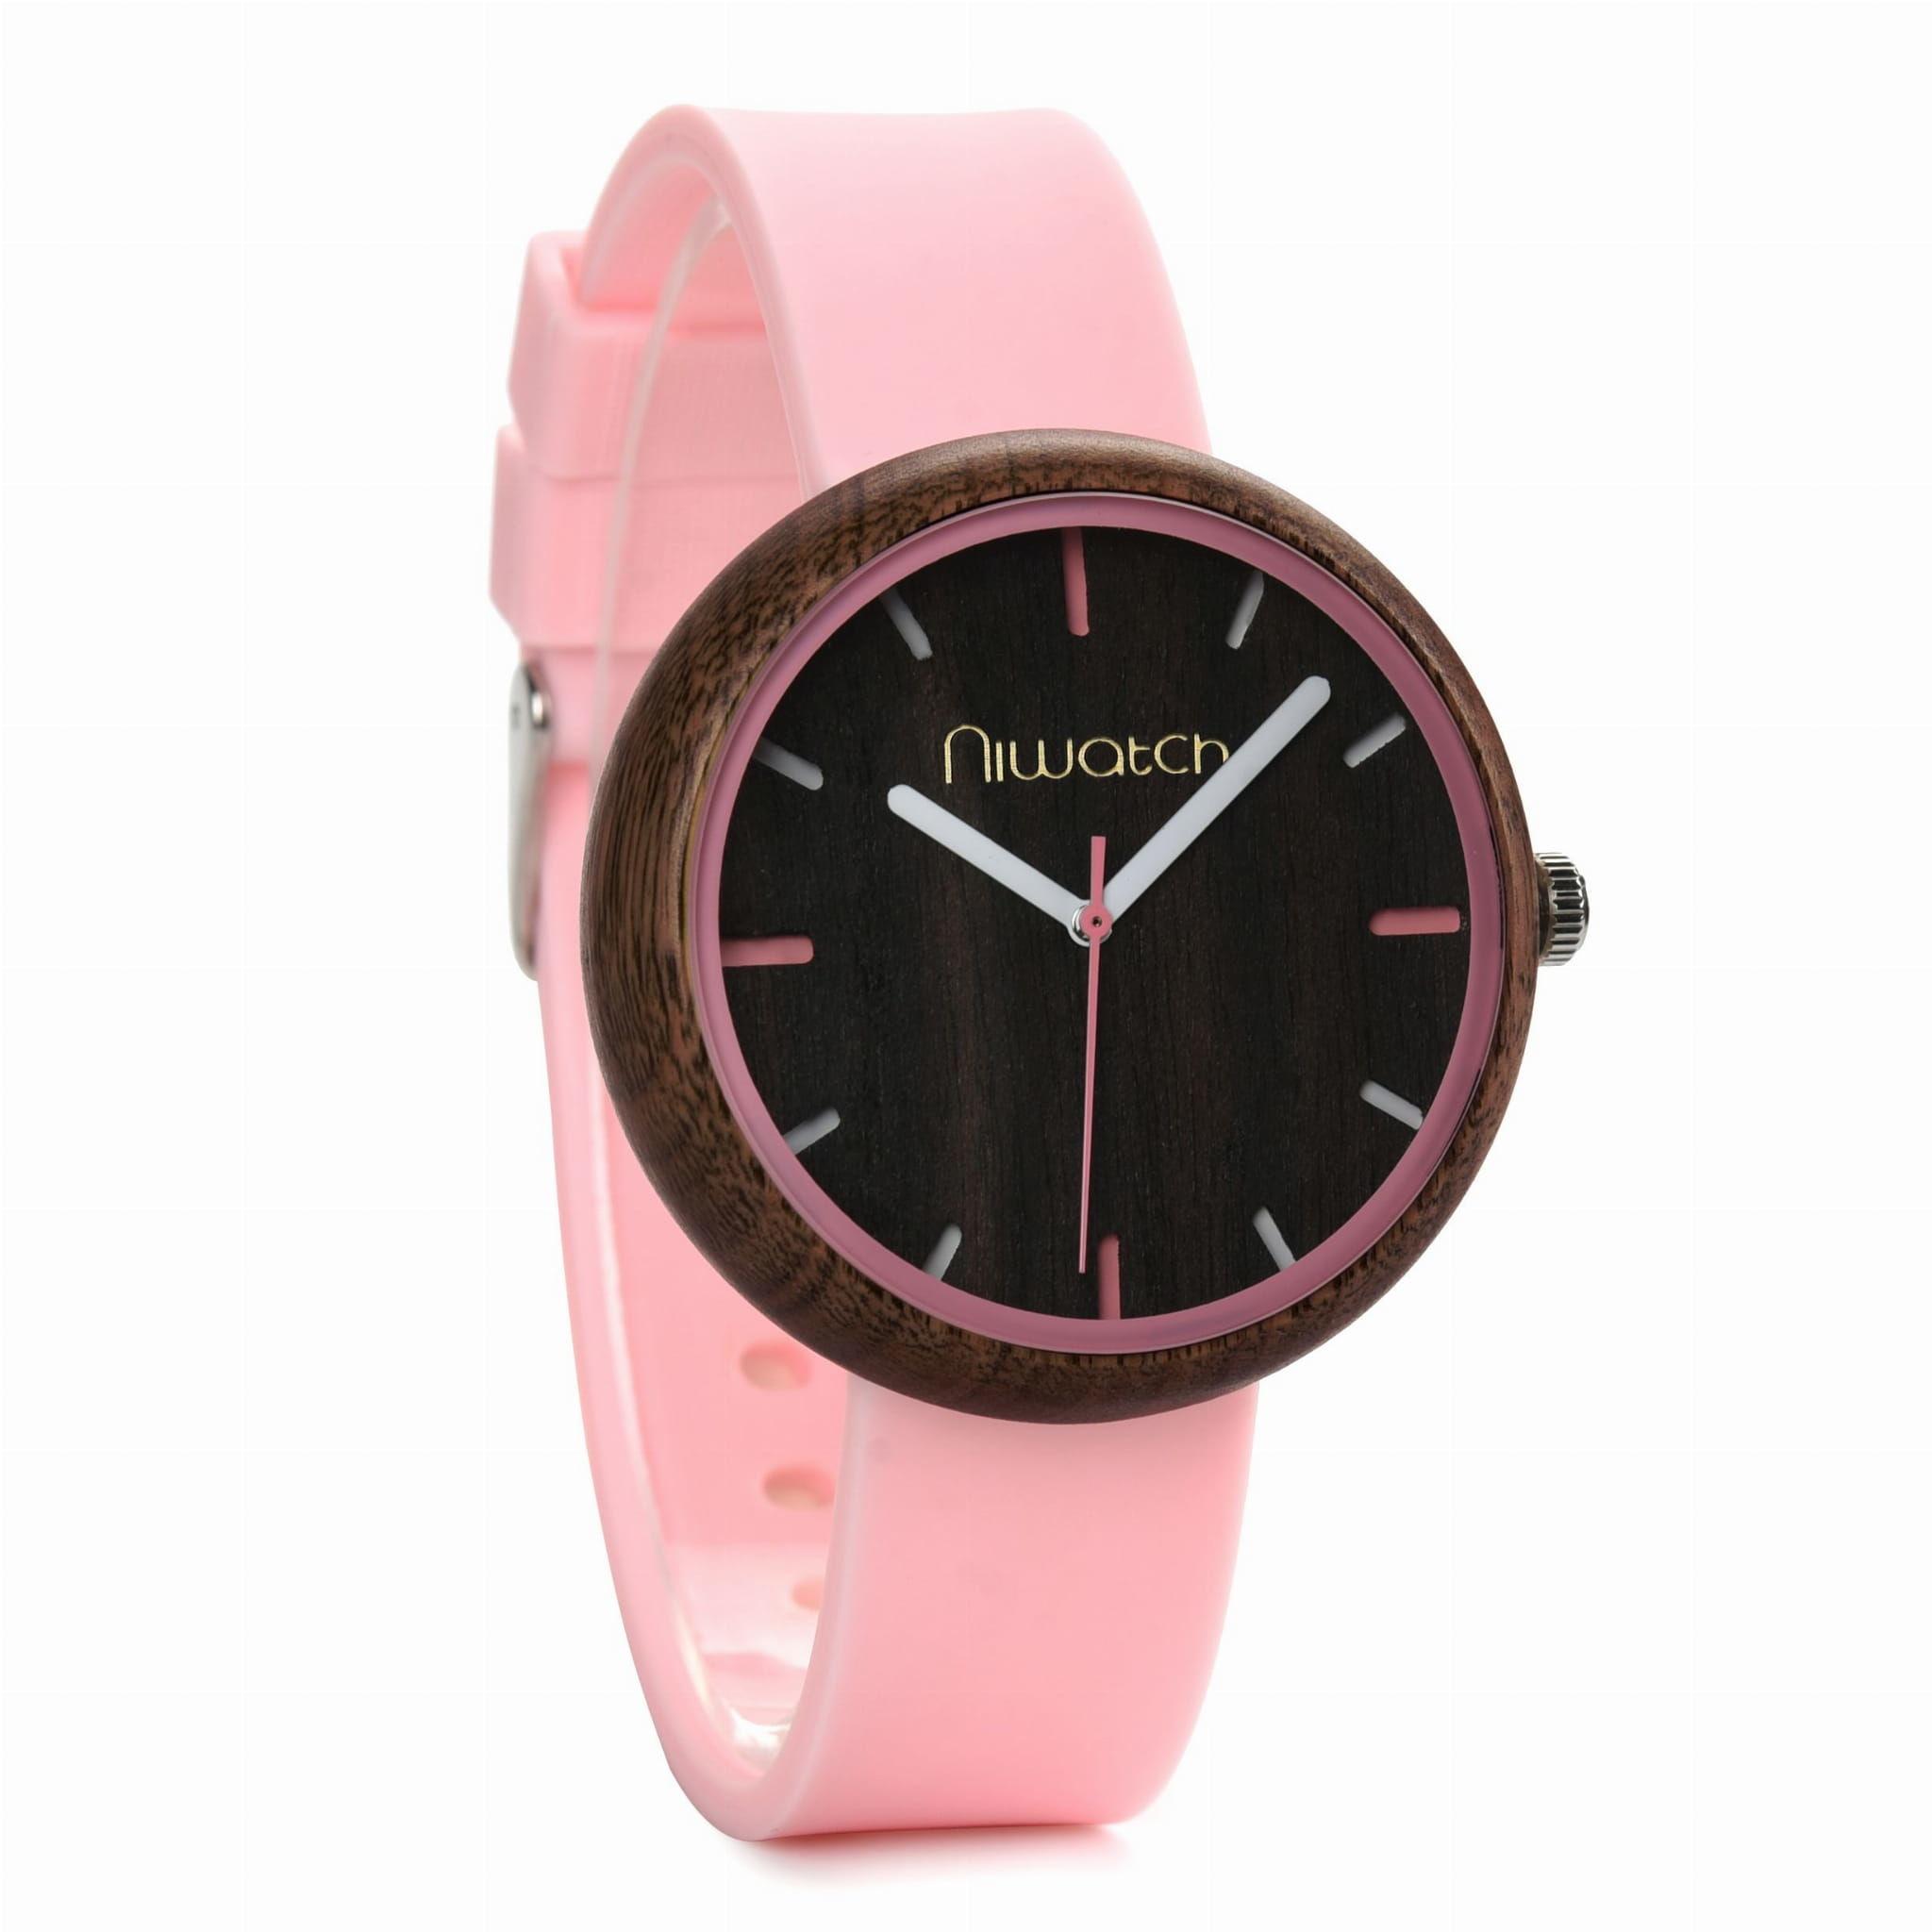 Damski zegarek drewniany Niwatch - kolekcja ACTIVE - pudrowy róż